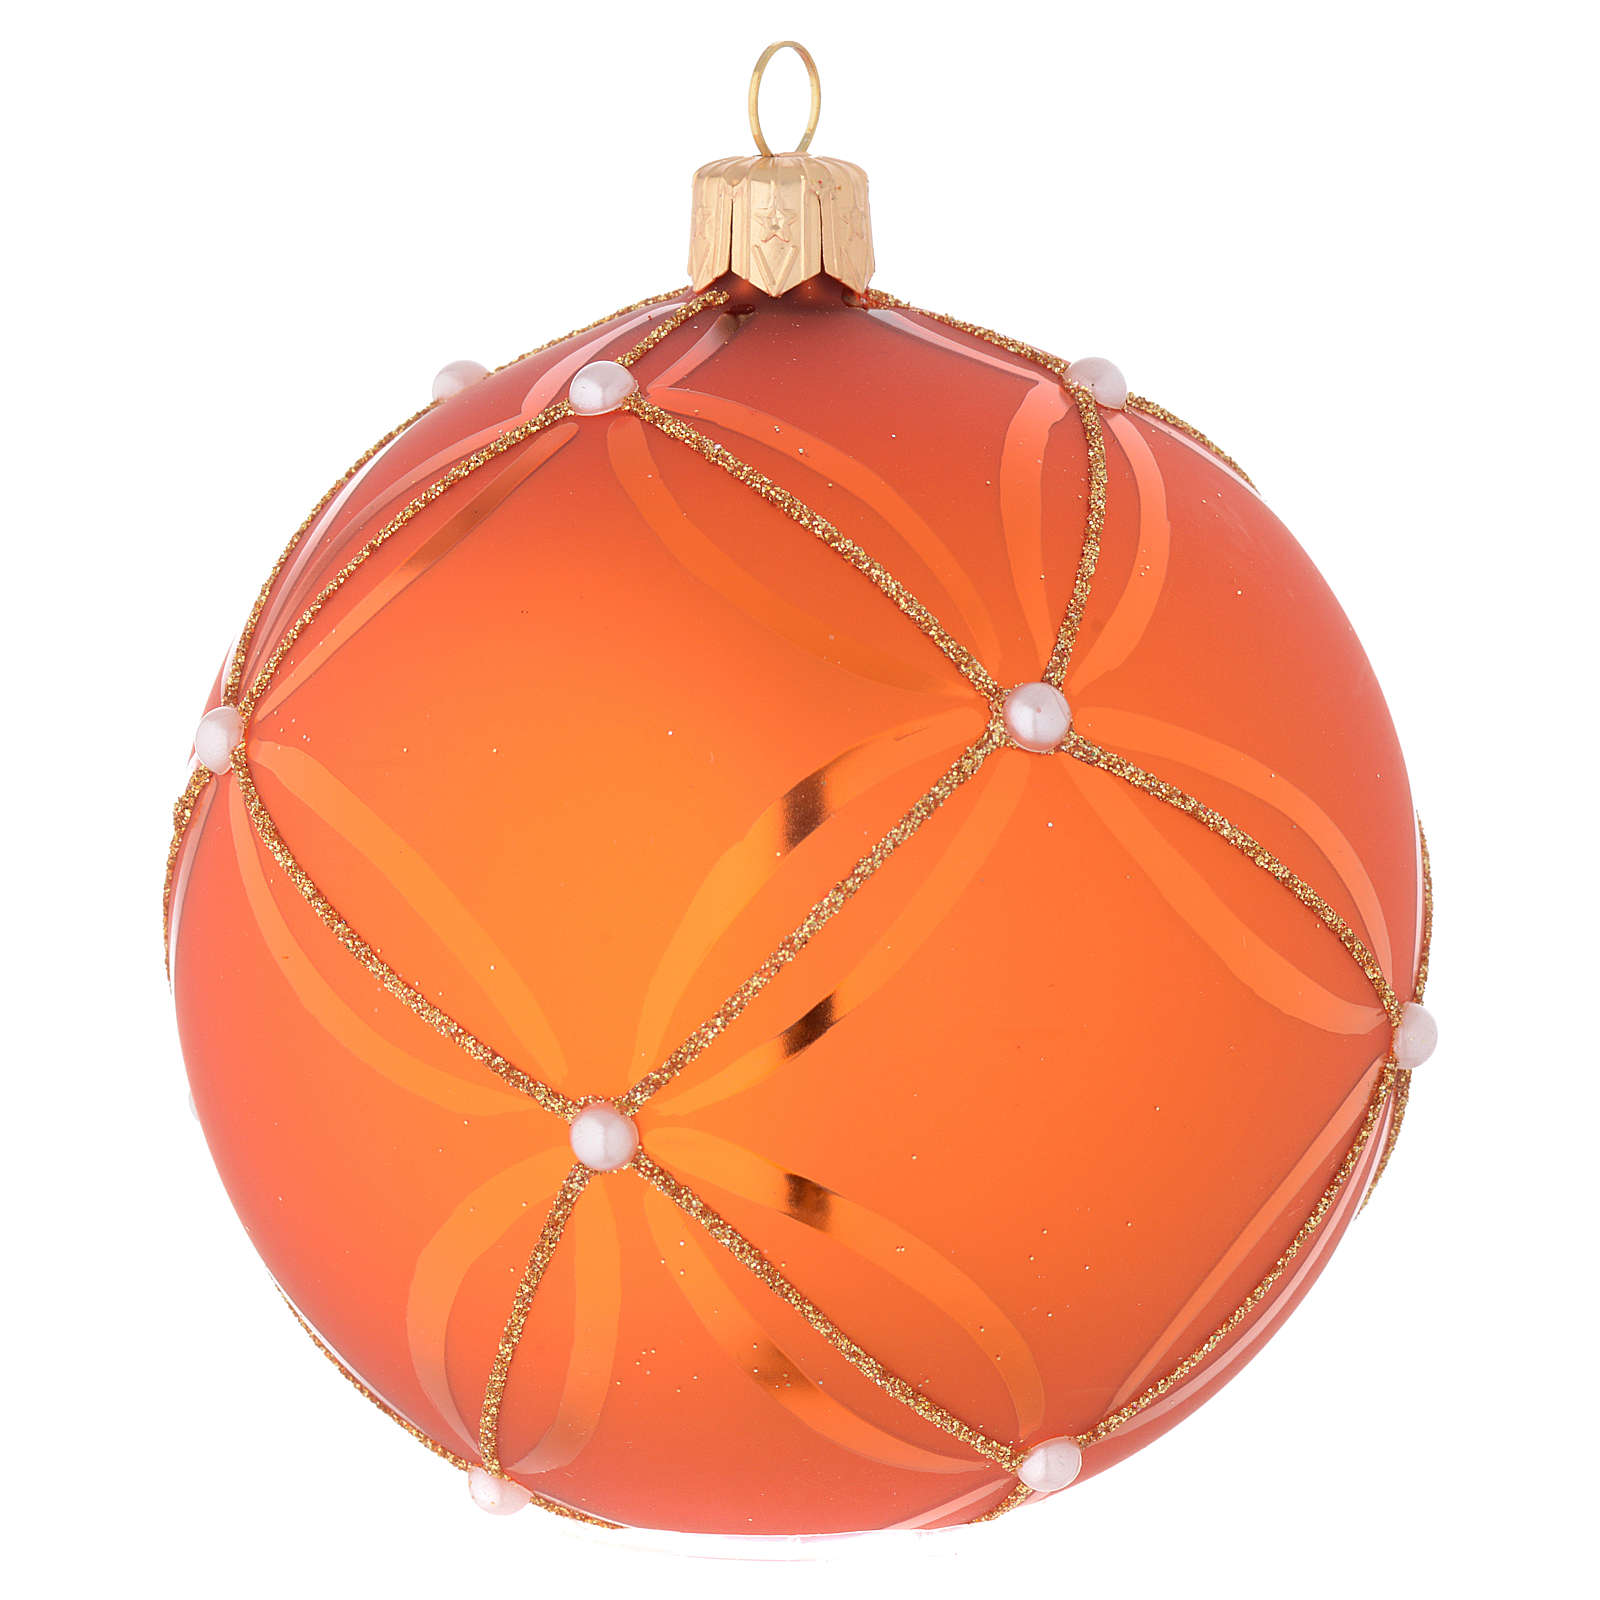 Bola de Navidad de vidrio soplado naranja decoraciones oro 100 mm 4